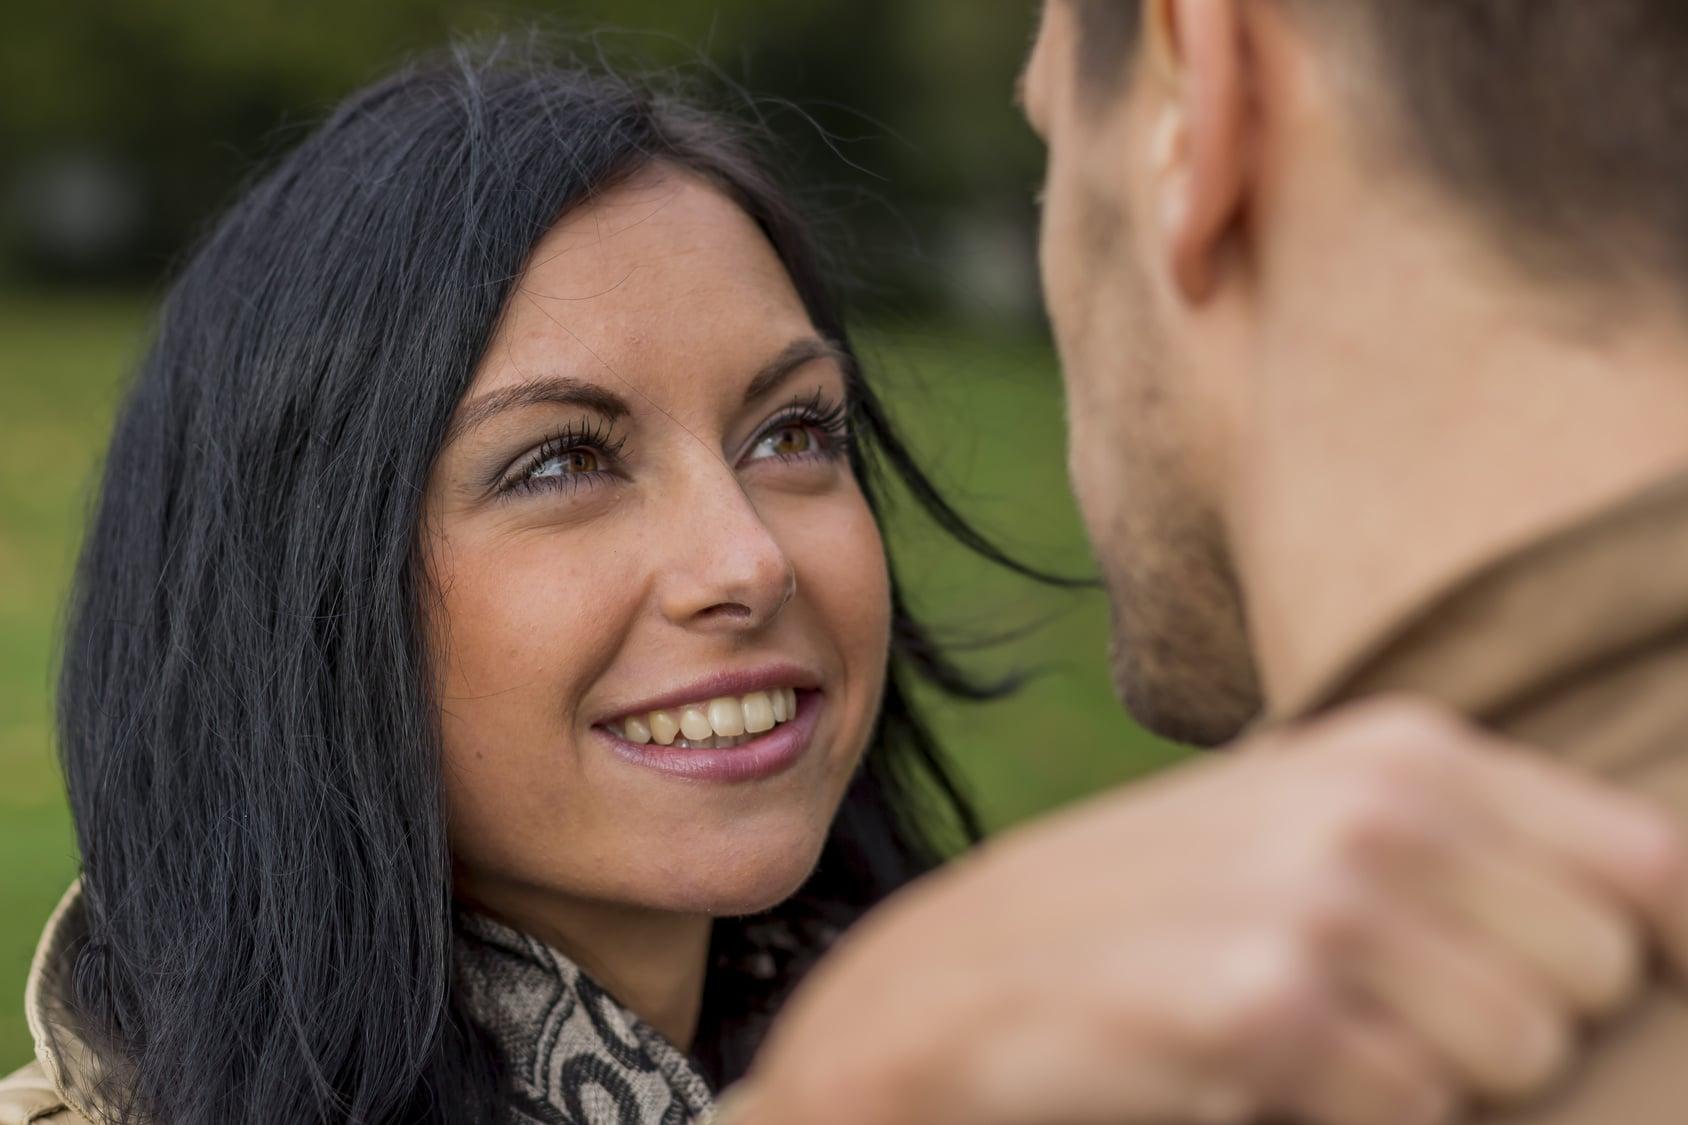 Eine Frau mittleren Altes umarmt ihren Freund und lächelt ihm in die Augen. Ihre Mimik strahlt ein gutes Selbstbewusstsein aus. Sie hat Schulterlange schwarze Haare und grüne Augen. Sie ist bekleidet mit einer braunen Jacke und einen schwarz/braunen Schaal. Im Hintergrund ist eine grüne Wiese zu sehen.